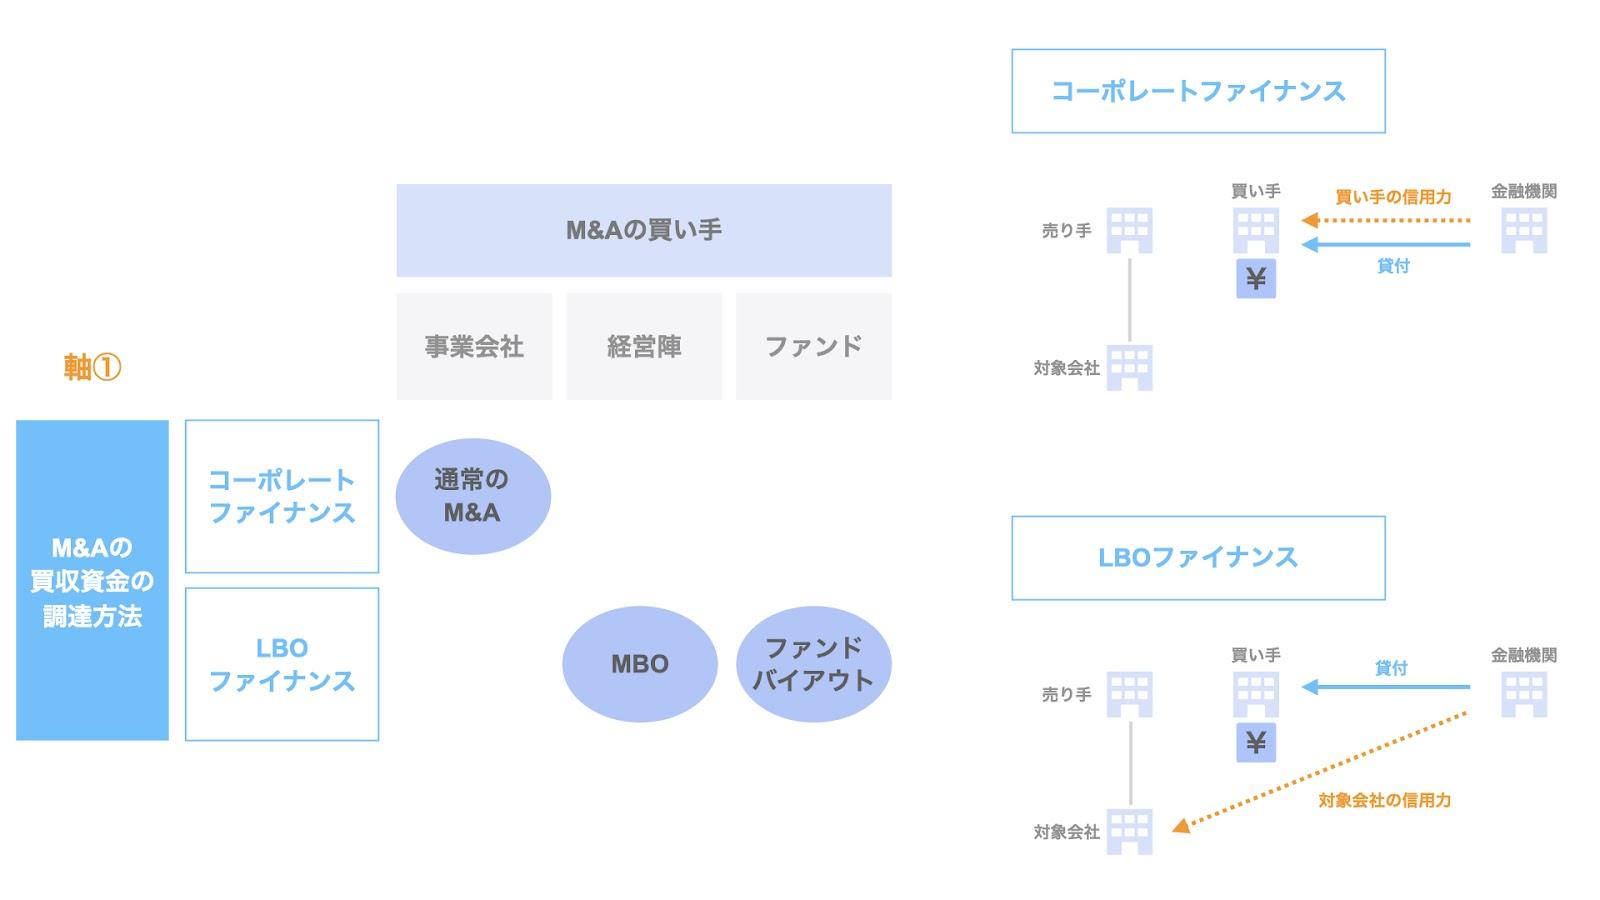 整理の軸① M&Aの買収資金の調達方法による整理